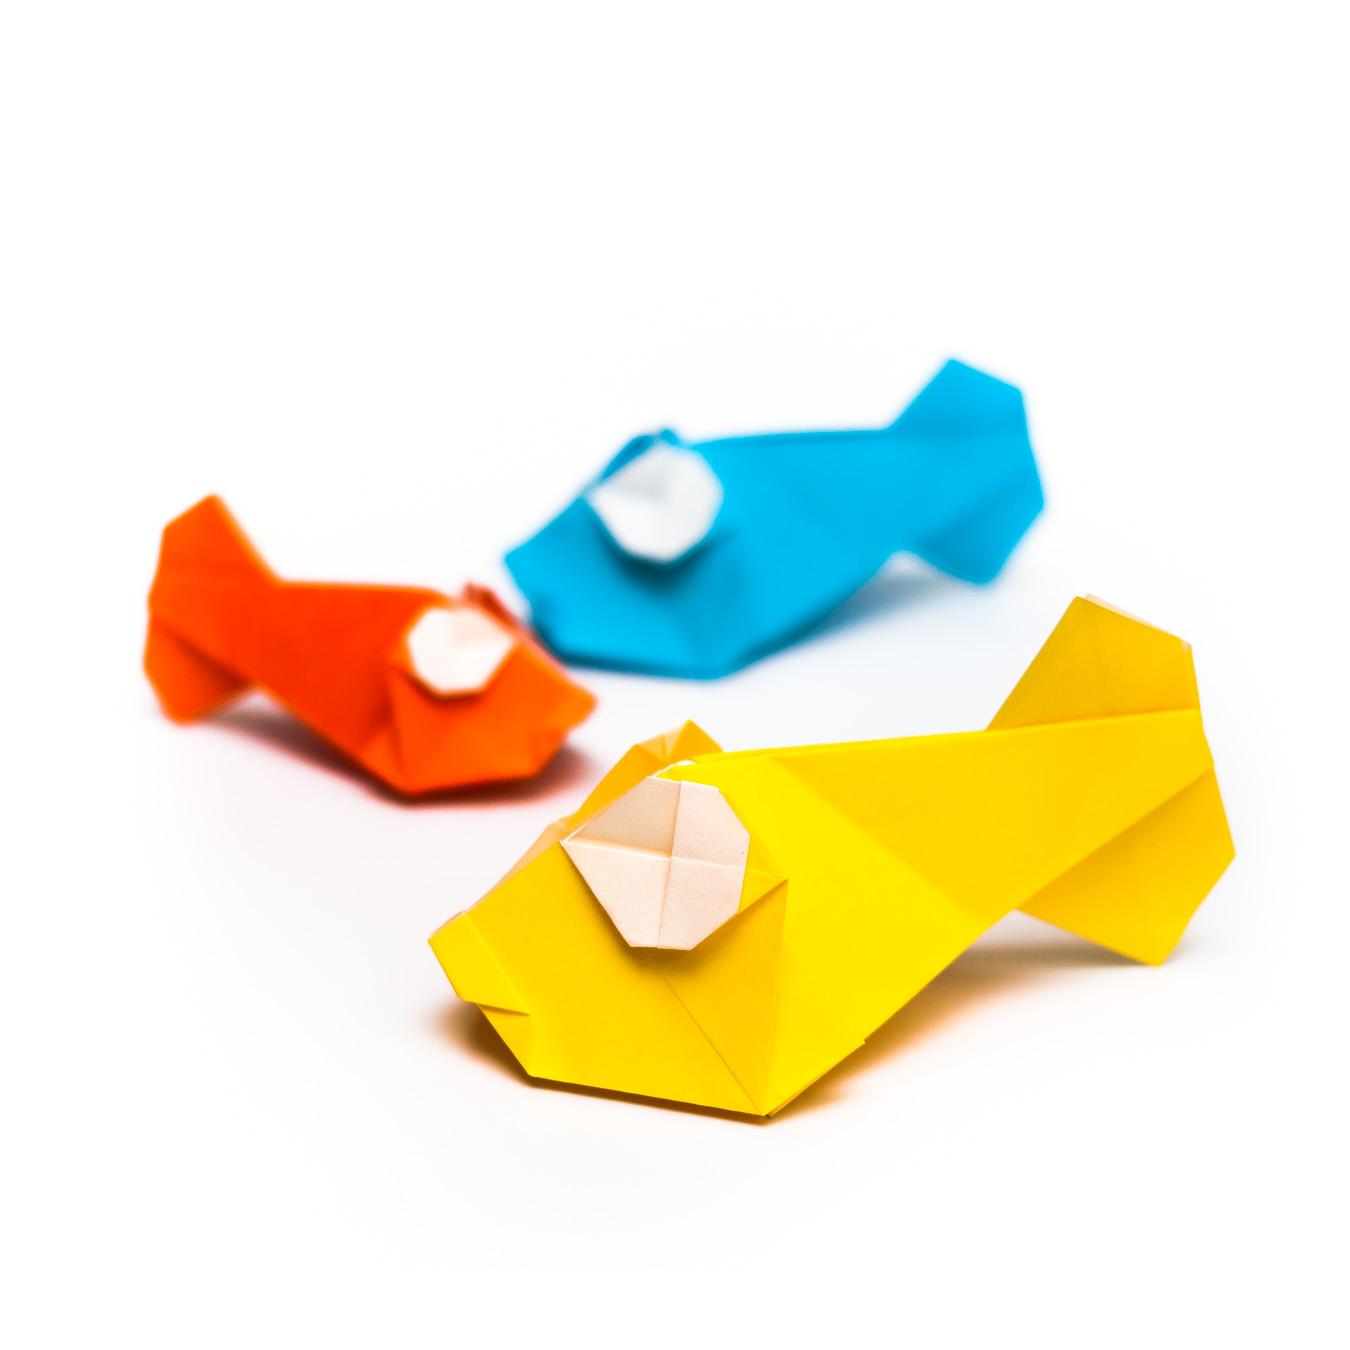 การพับกระดาษเป็นรูปปลาทอง (Origami Goldfish) 030